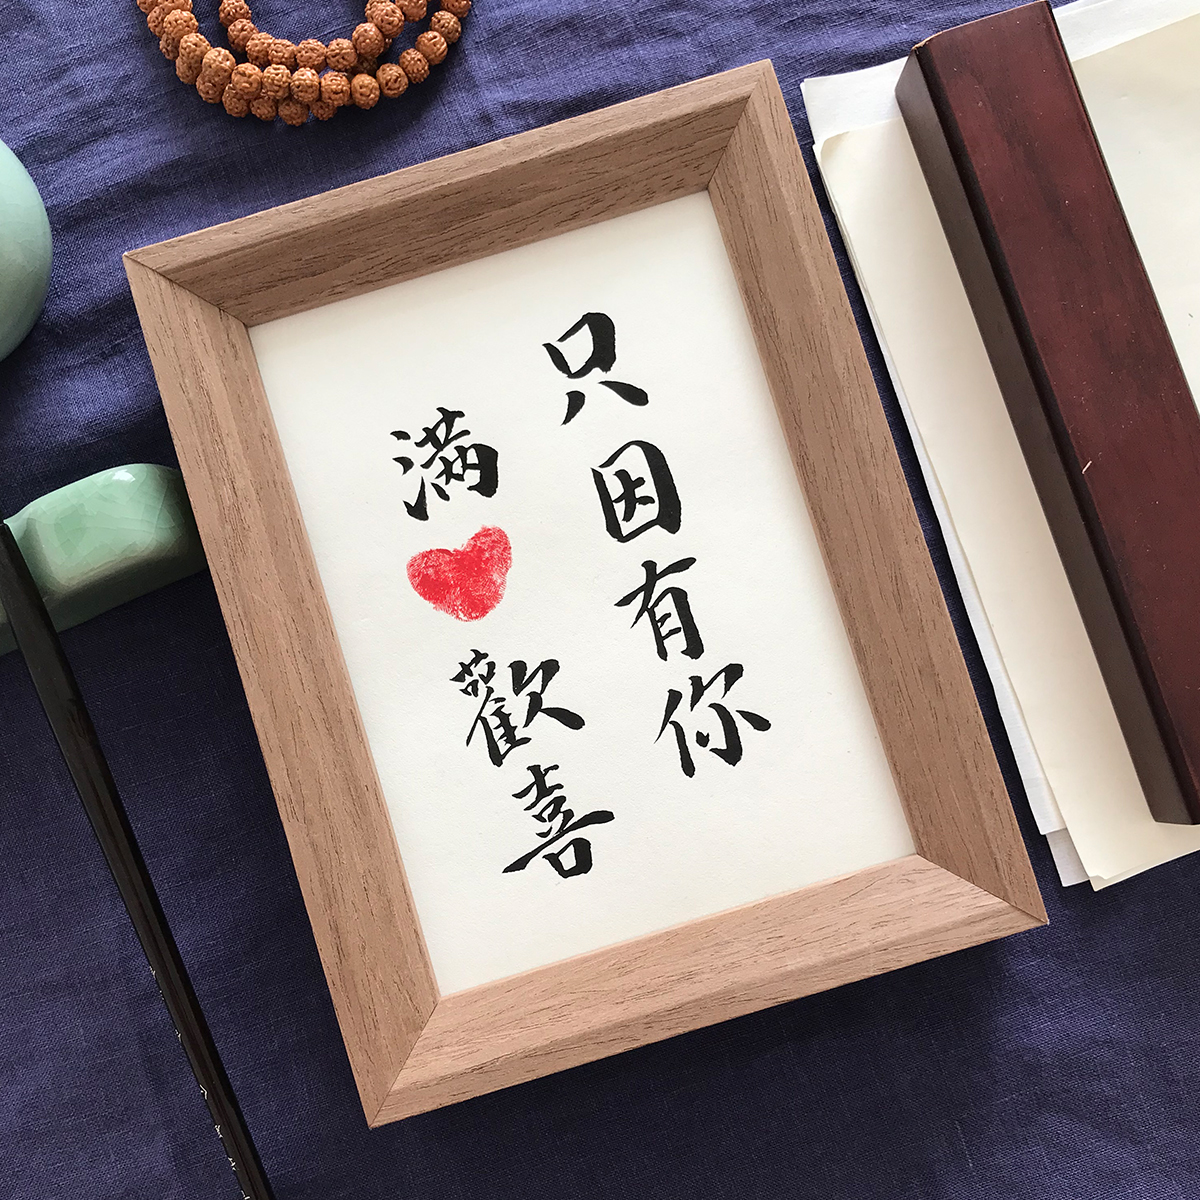 只因有你滿心歡喜擺臺手寫毛筆字書法桌面裝飾擺件情人節定制禮物